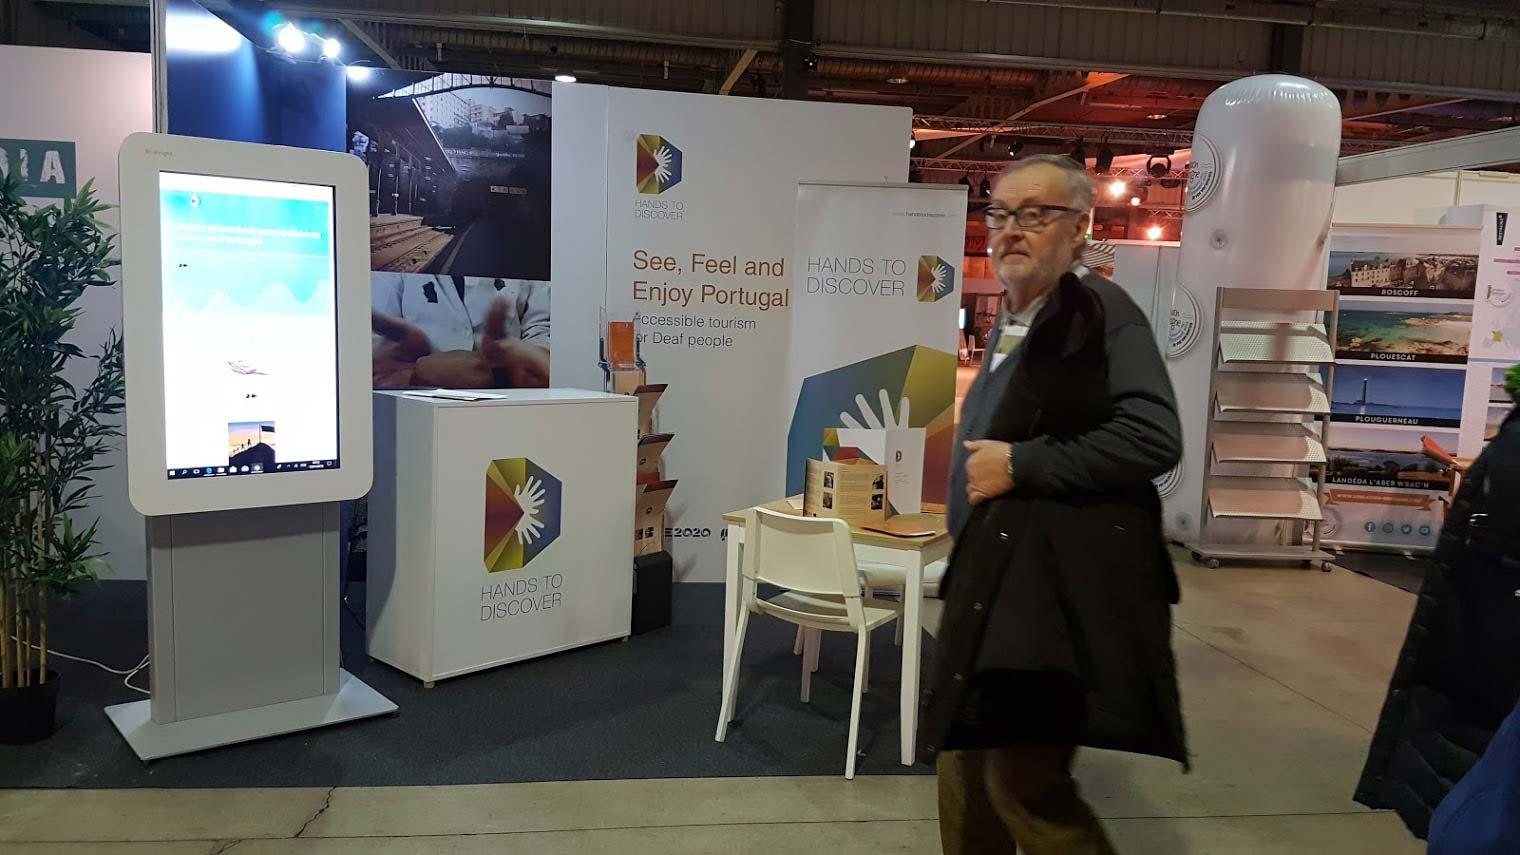 Vakanz Luxemburgo 2018